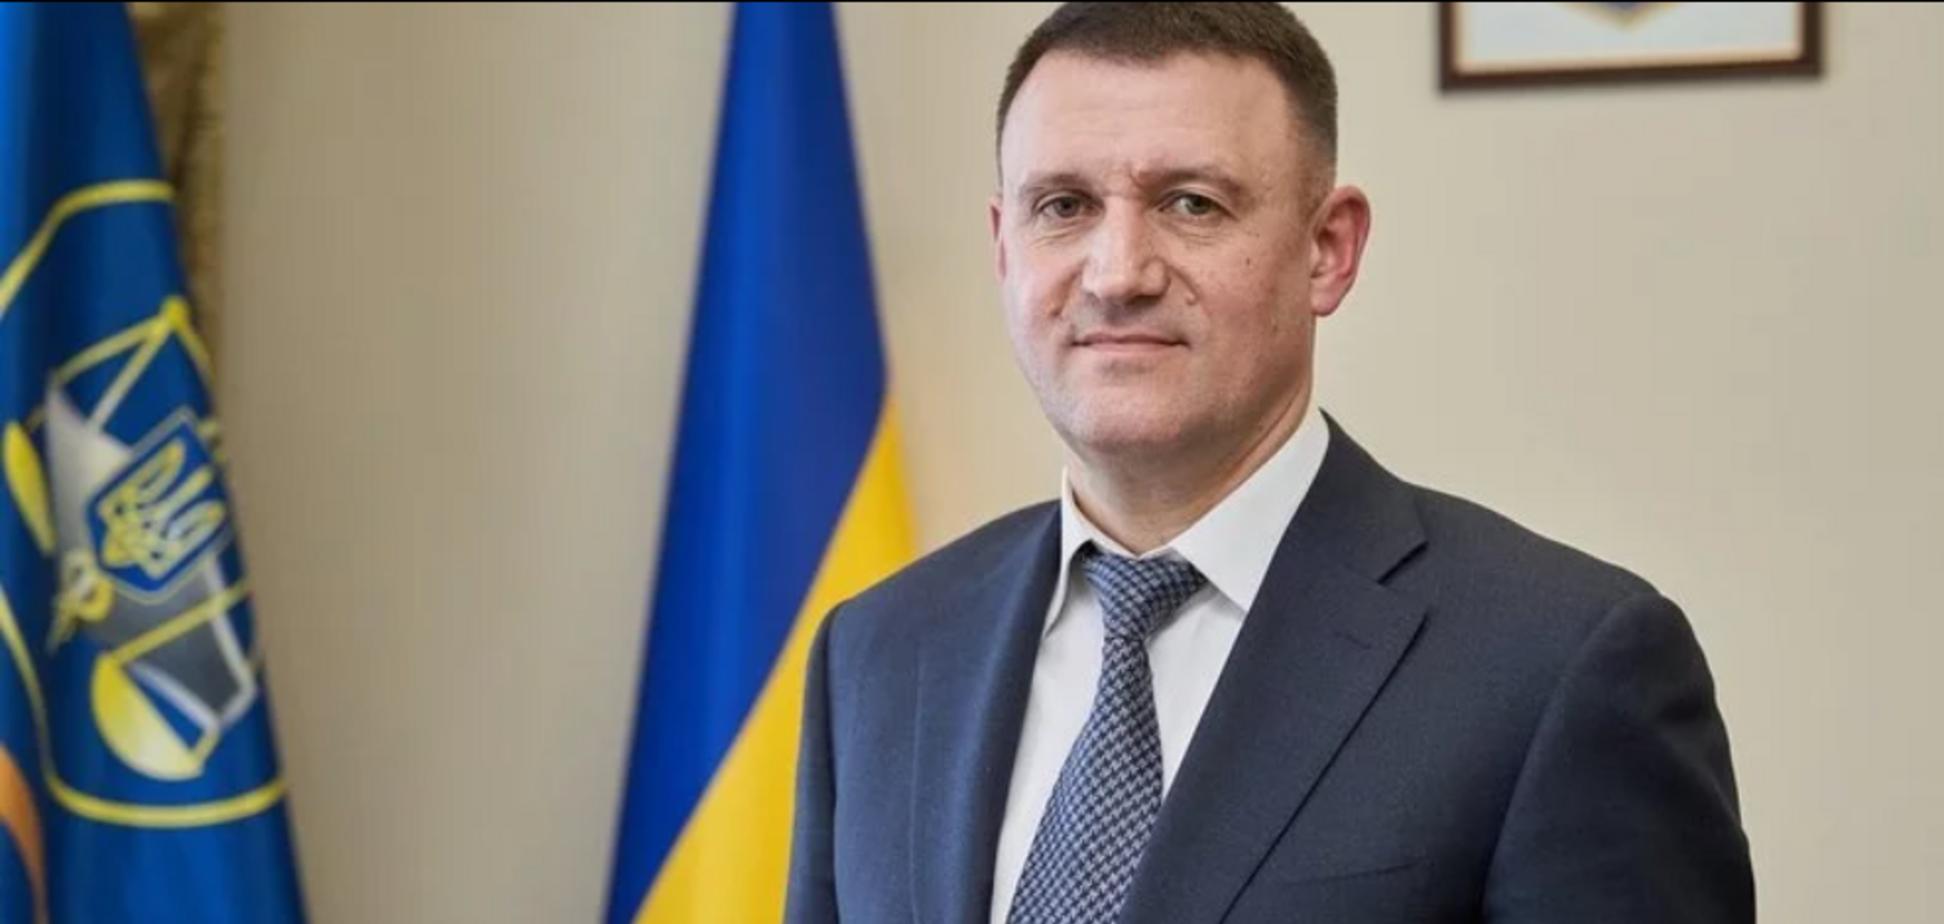 Главный претендент на должность главы БЭБ Мельник был уволен из налоговой милиции из-за махинаций